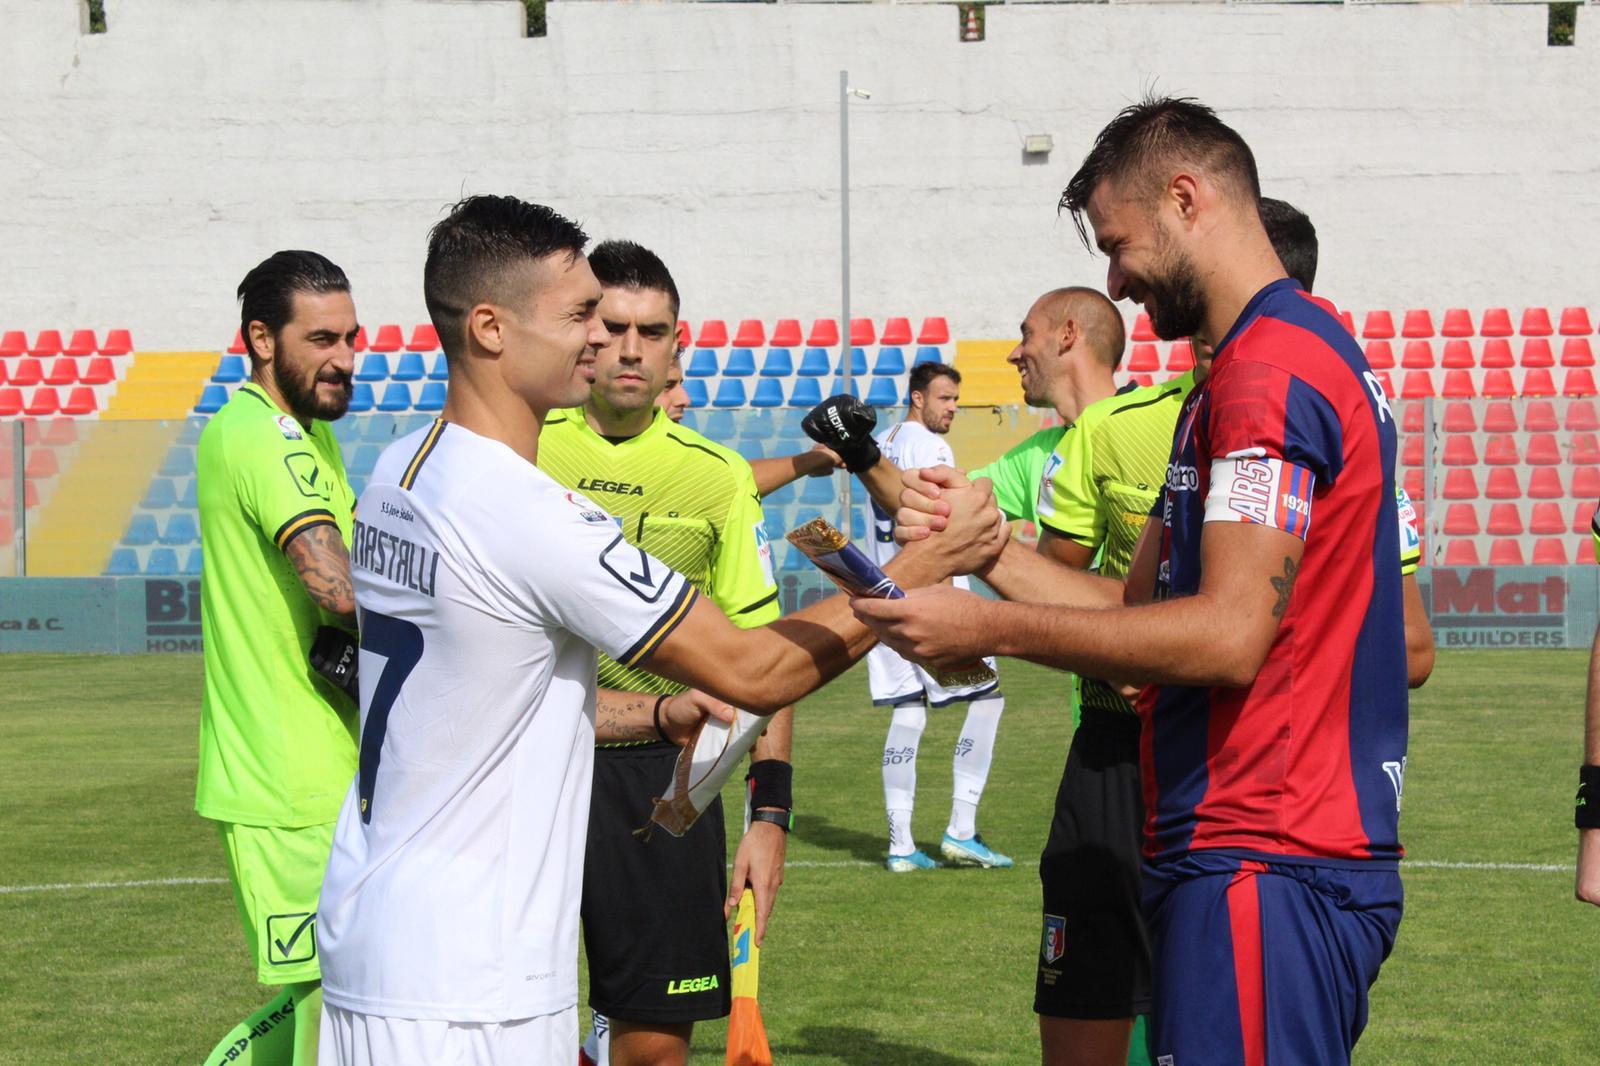 VIBONESE - JUVE STABIA 0-1 | Il tabellino del match immagine 16172 US Vibonese Calcio